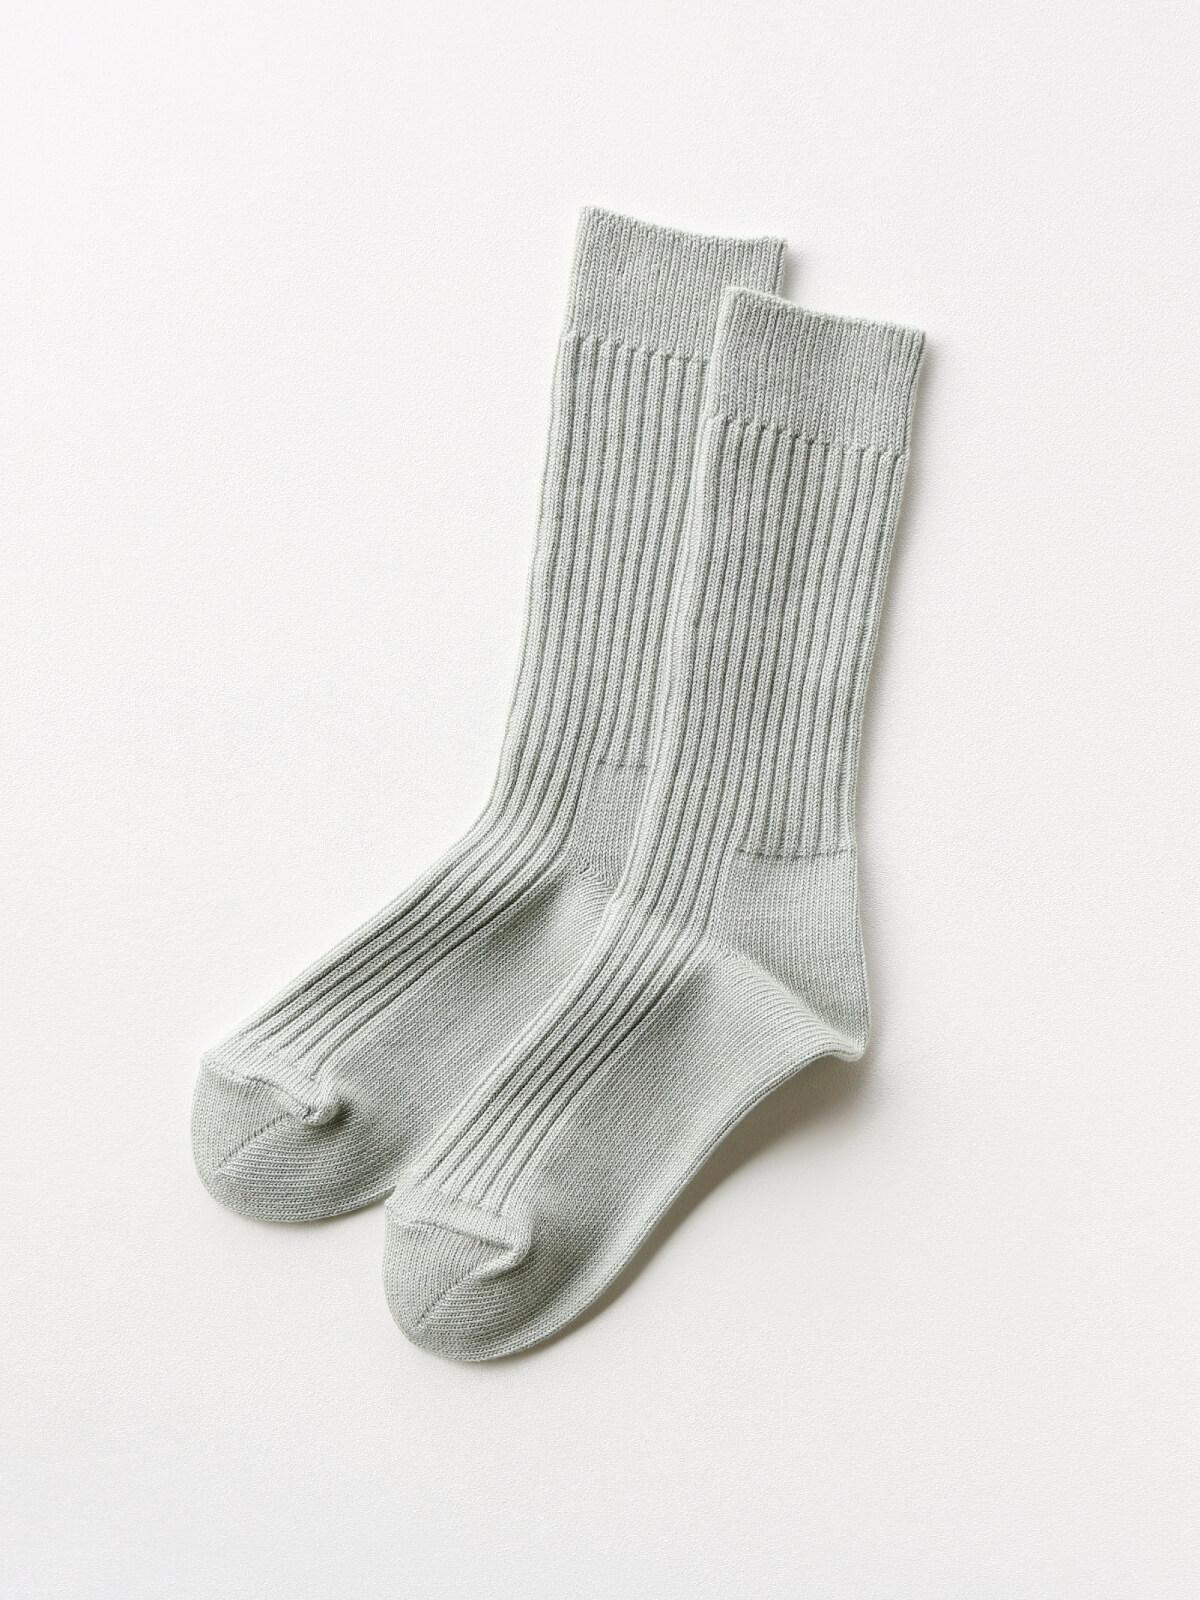 当たりつきギフト専用靴下のLUCKY SOCKS(ラッキーソックス)のSmooth Rib Socks(スムースリブソックス)のペールミント_2